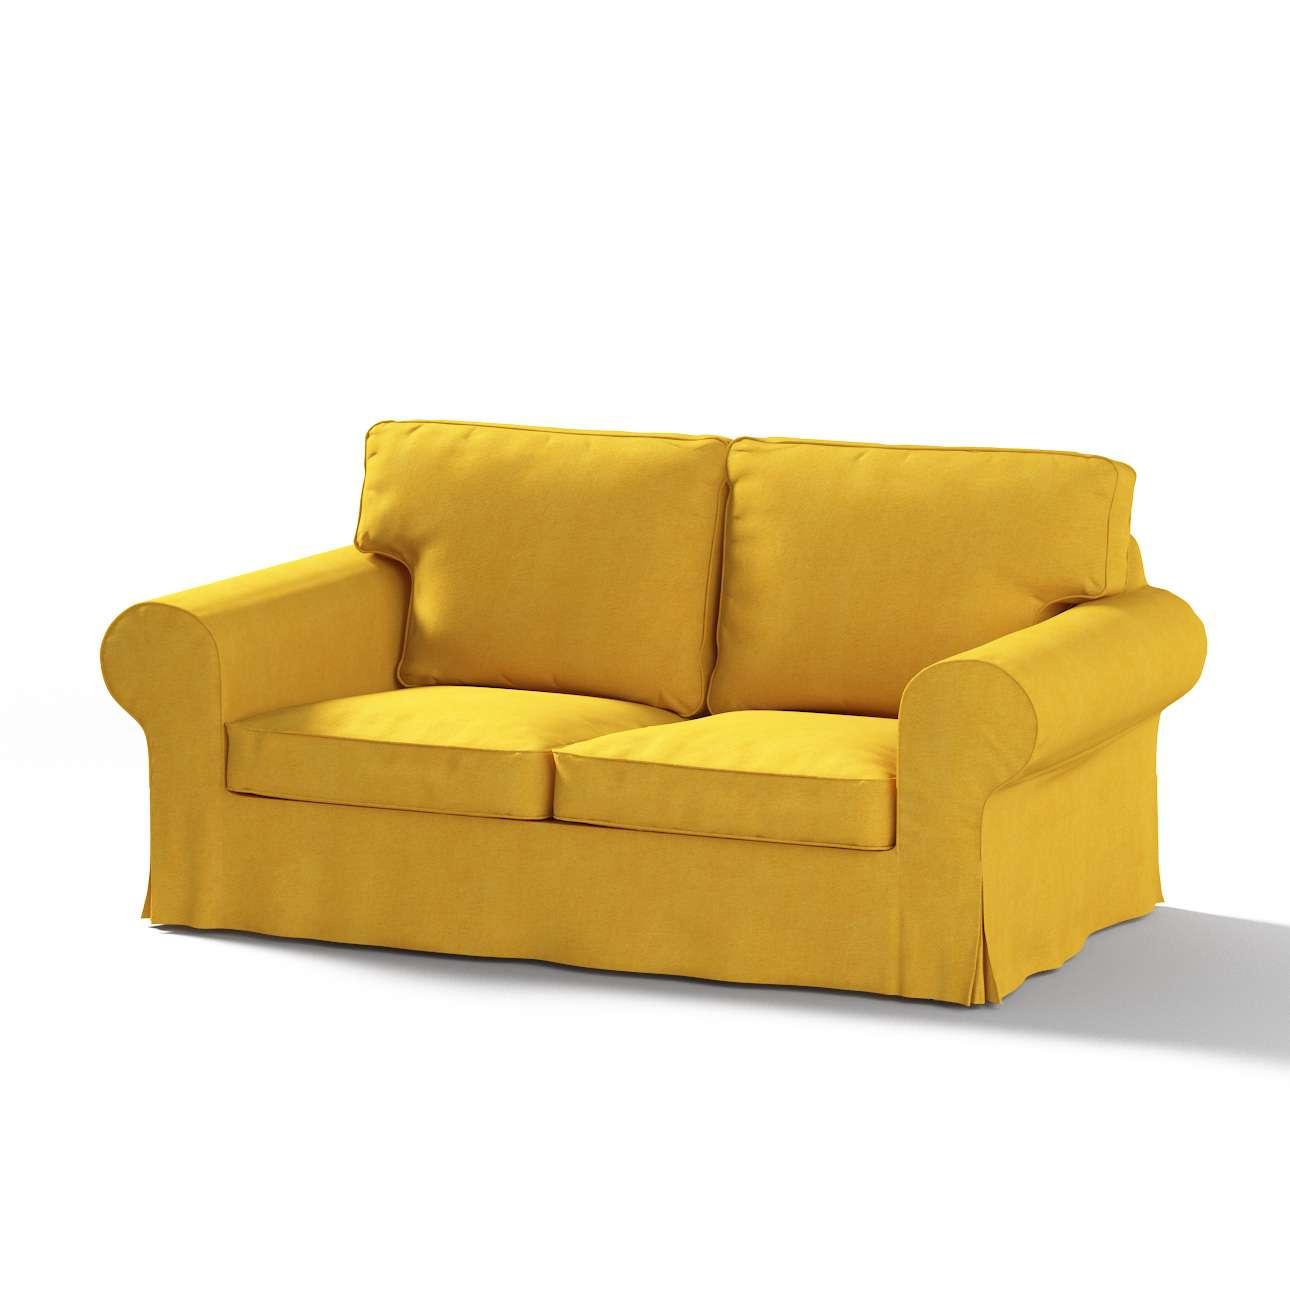 Ektorp 2 sæder sovesofa fra 2012<br/>Bredde ca 200cm Betræk uden sofa fra kollektionen Etna, Stof: 705-04